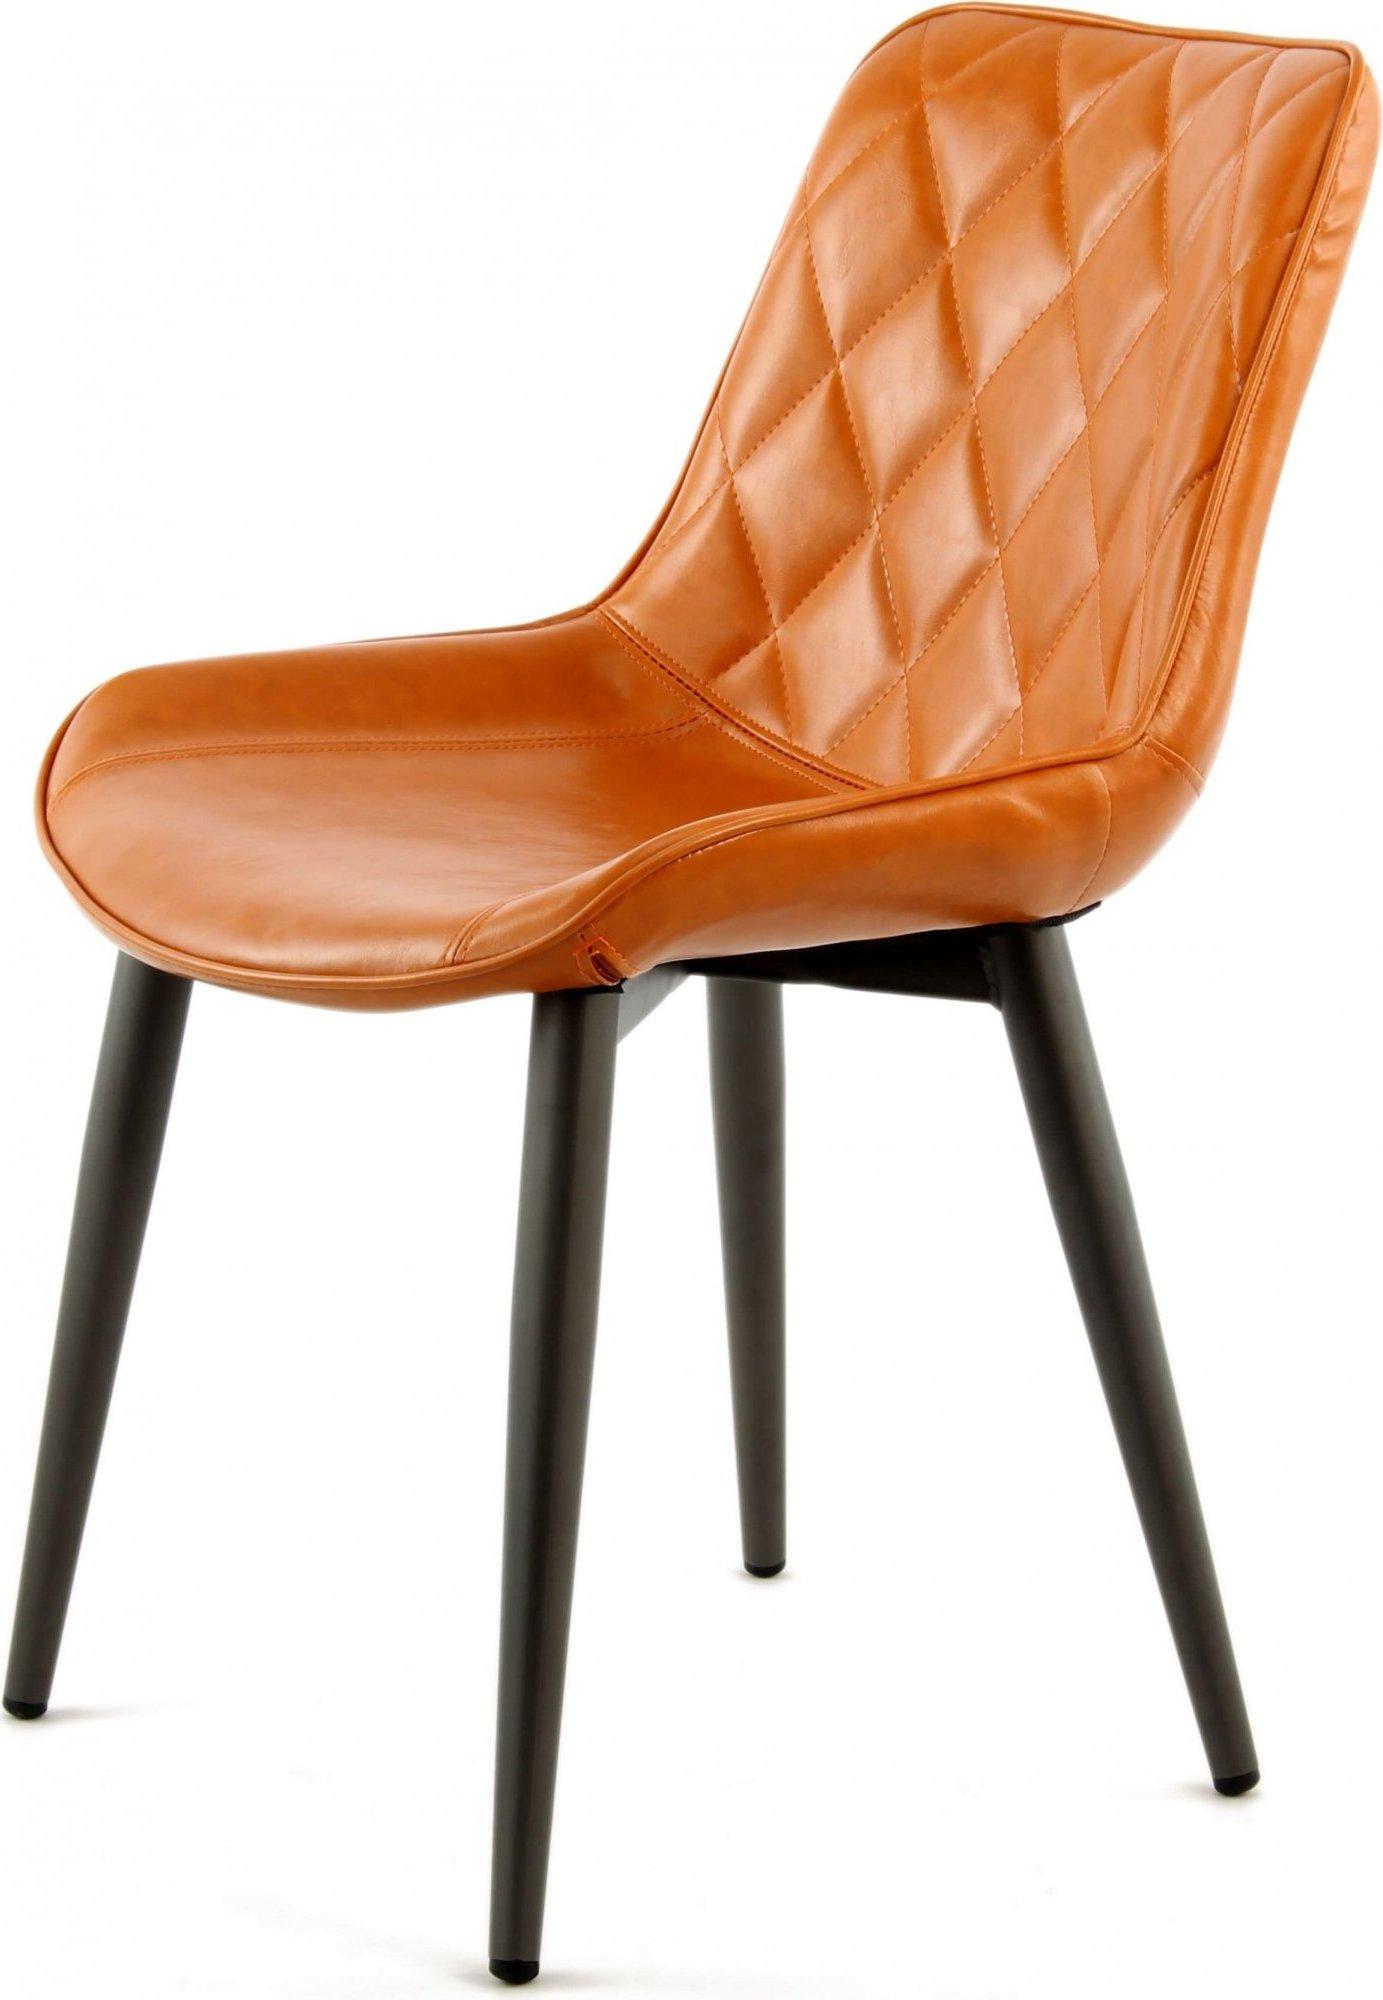 Chaise design rembourrée imitation cuir clair (lot de 2)